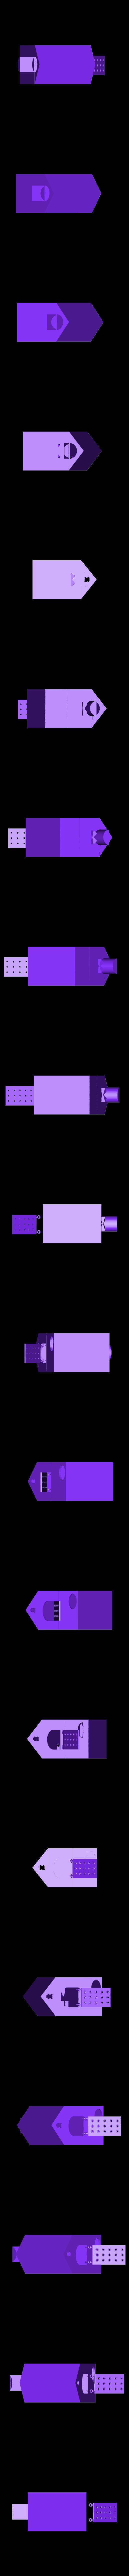 casita completa.stl Télécharger fichier OBJ gratuit Maison du hamster casita • Plan pour imprimante 3D, flakitasinsaber